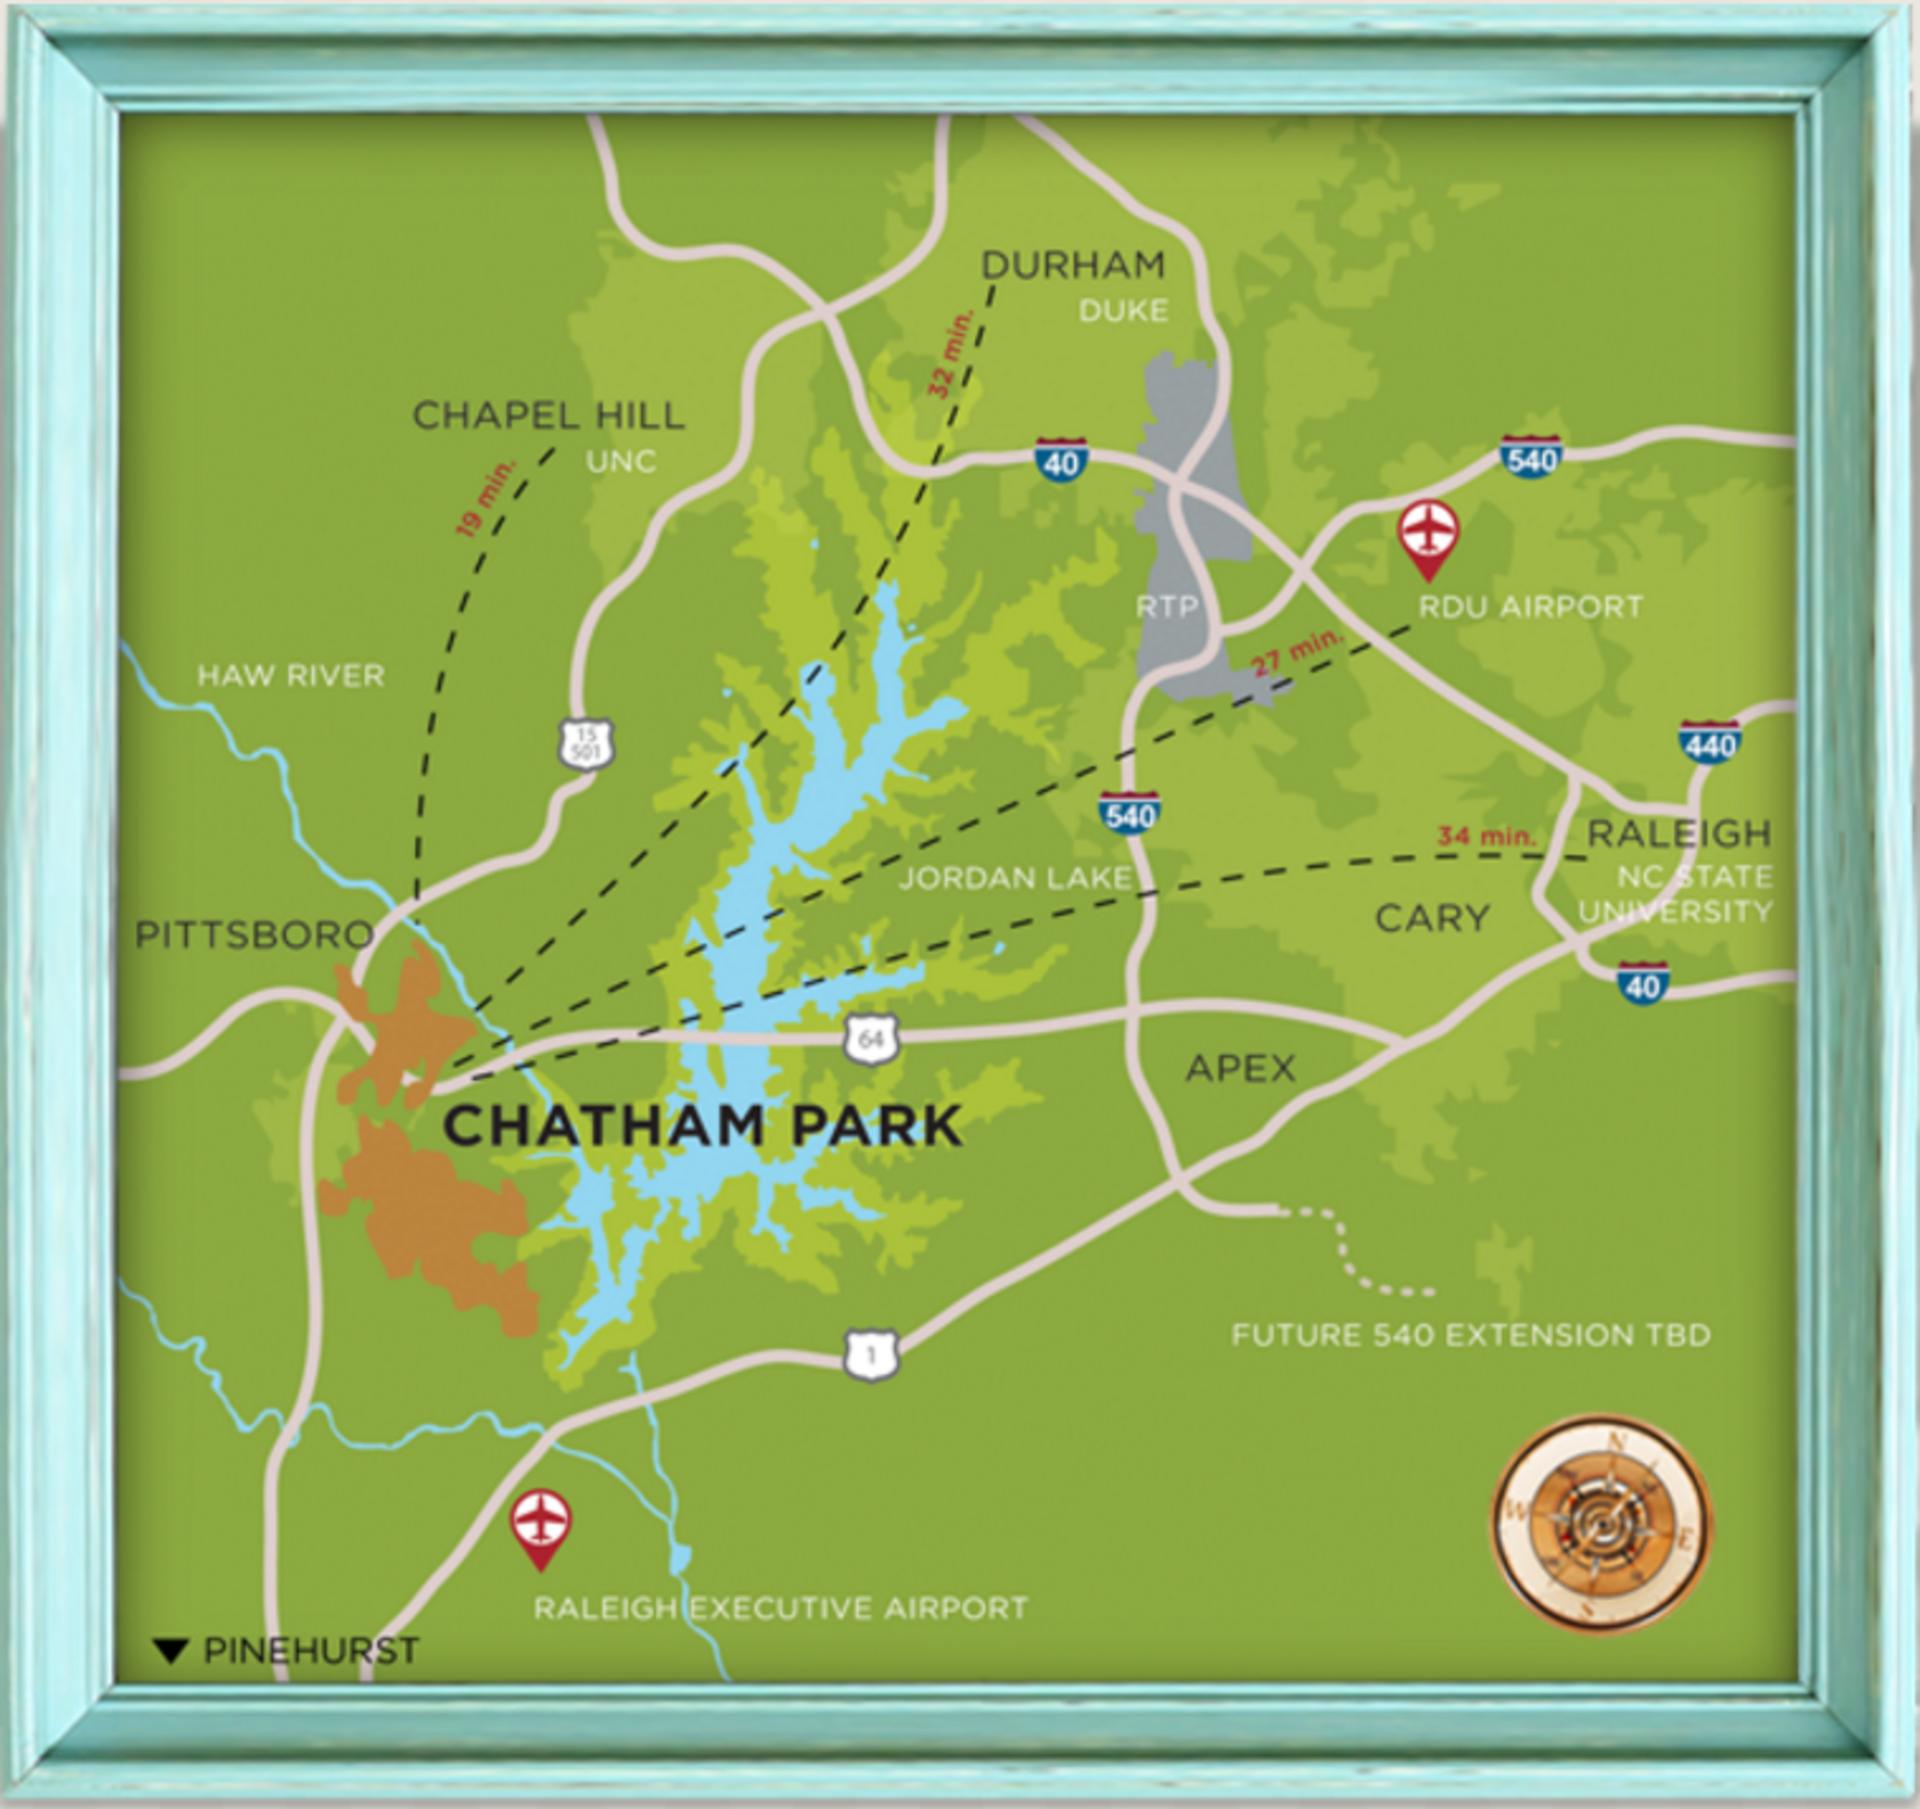 Chatham Park – Development is underway!